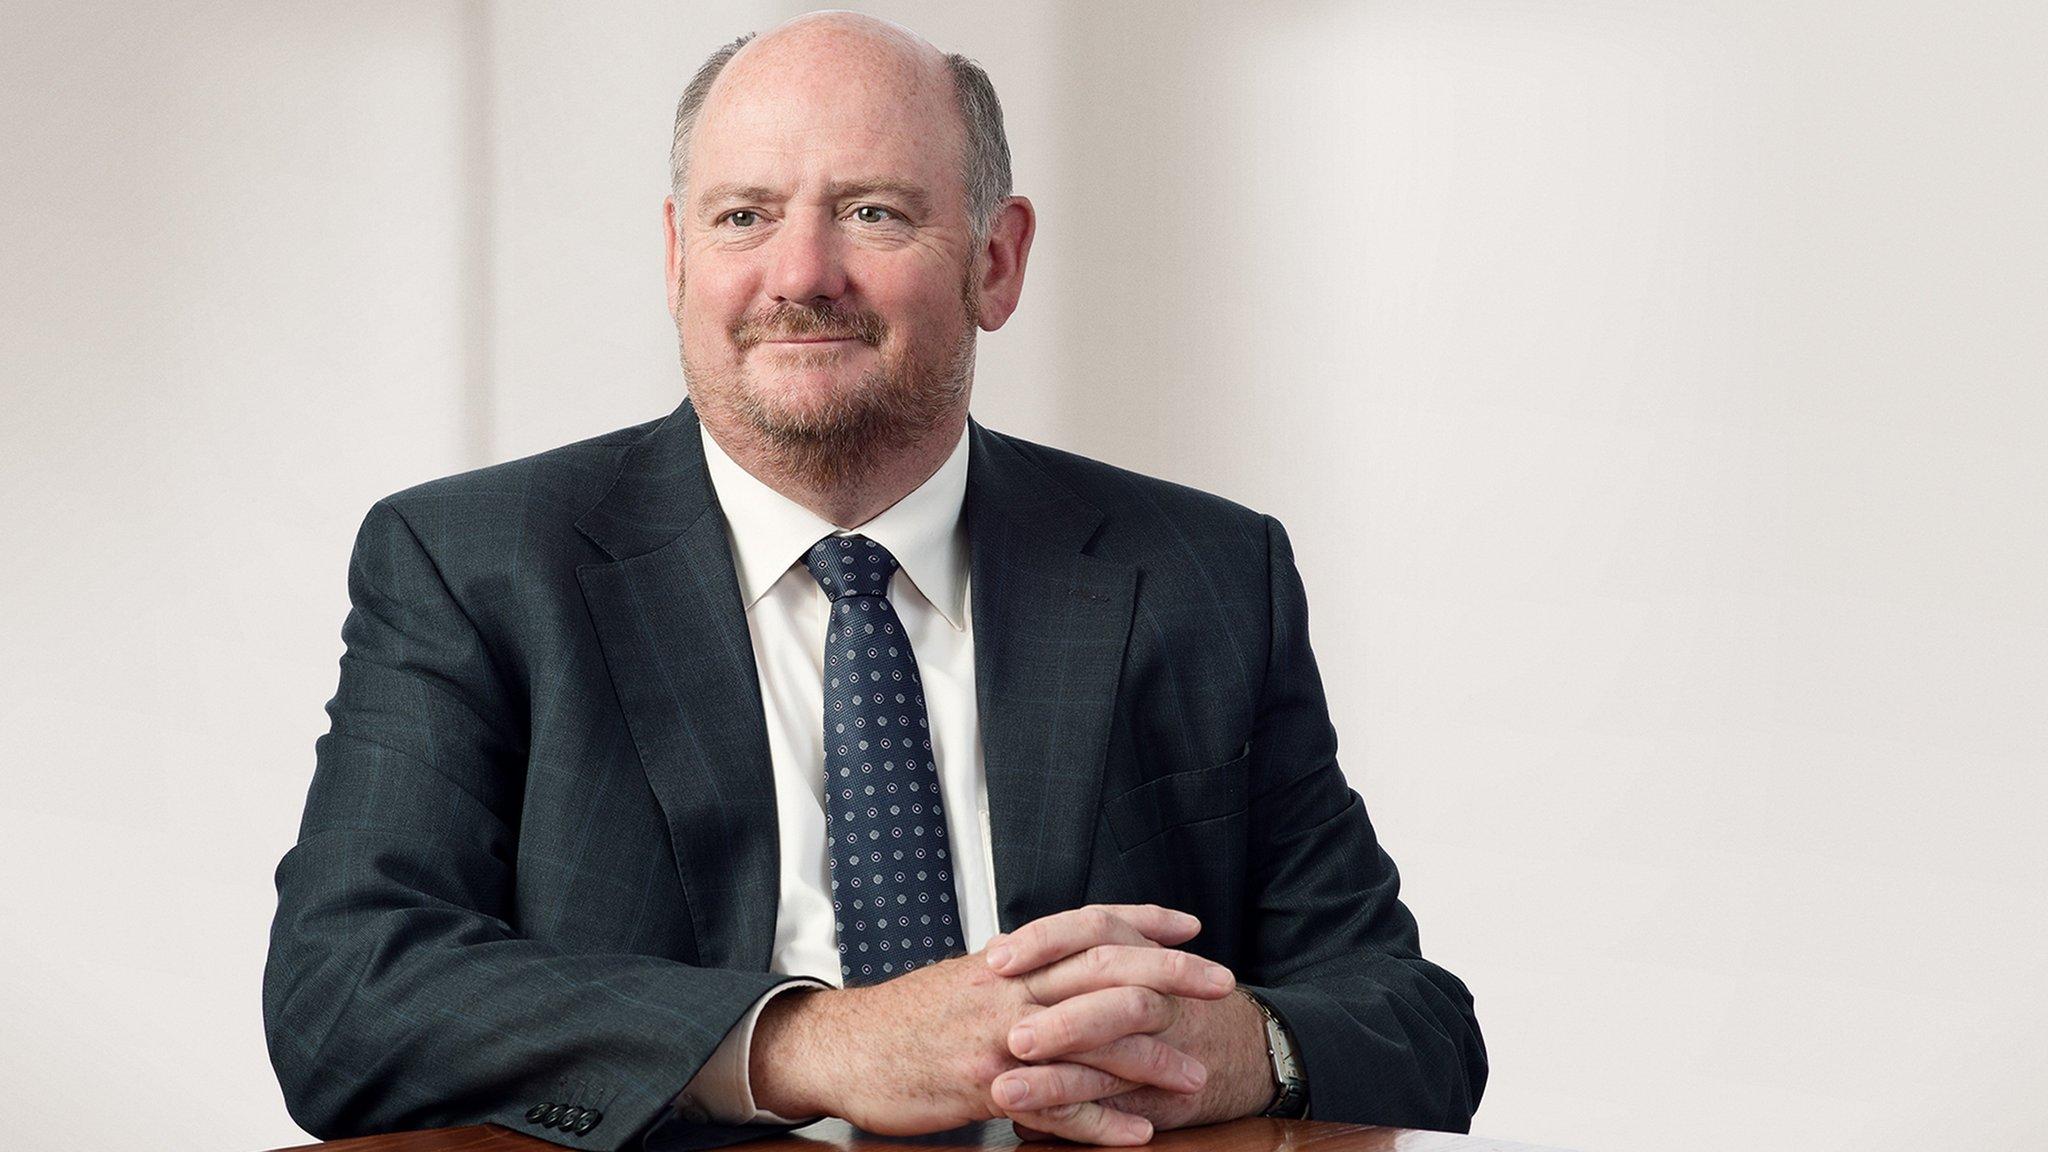 Businessman Richard Cousins 'leaves £41m' to Oxfam